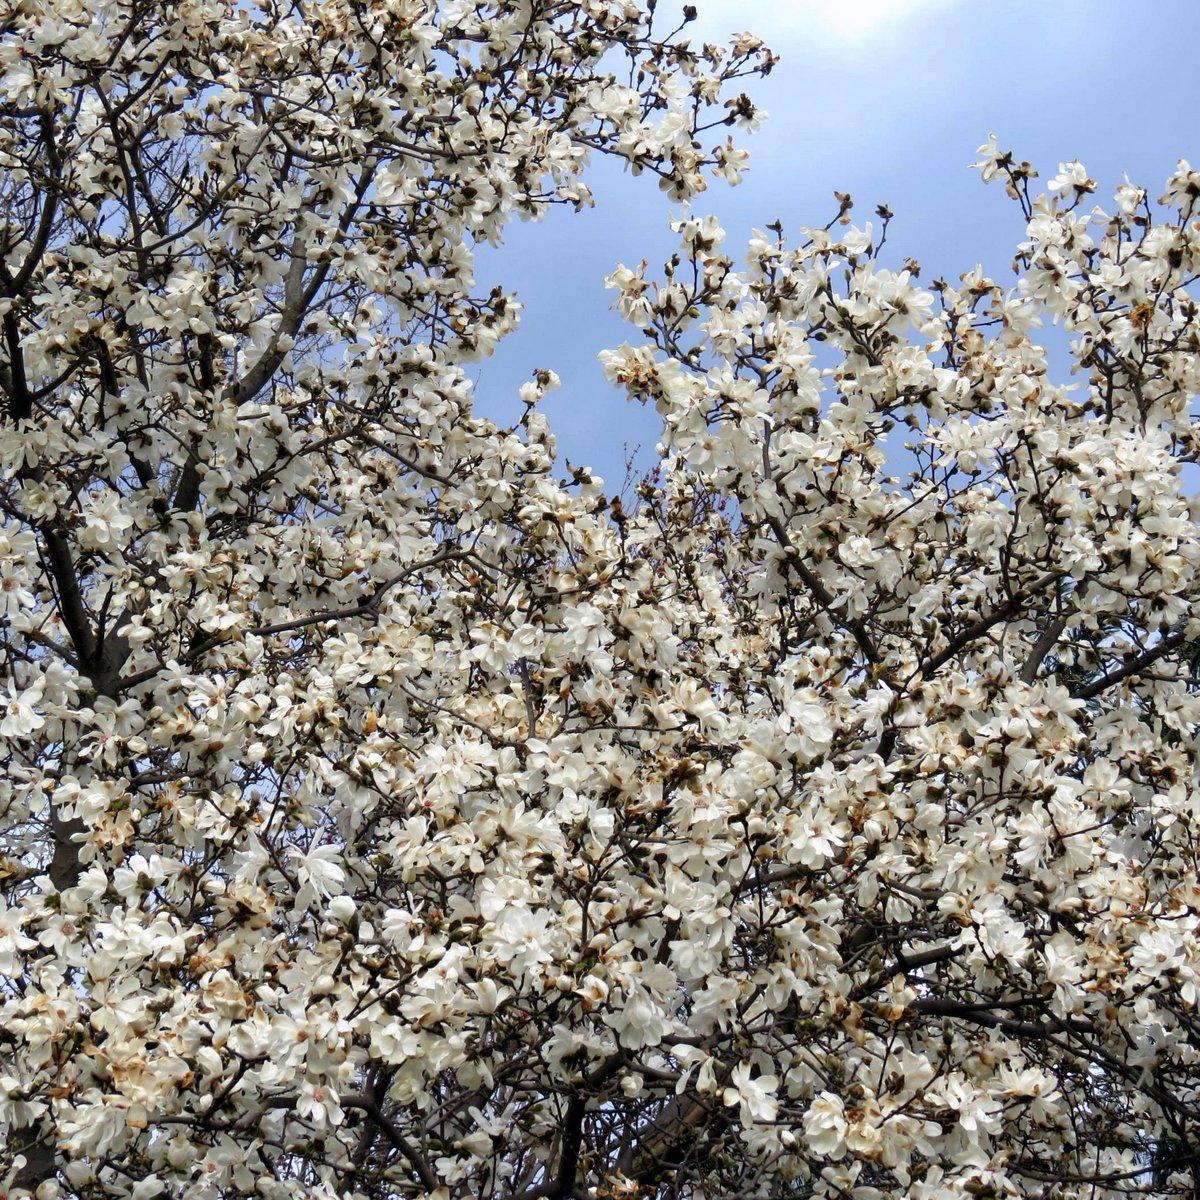 2. Magnolia Blossoms